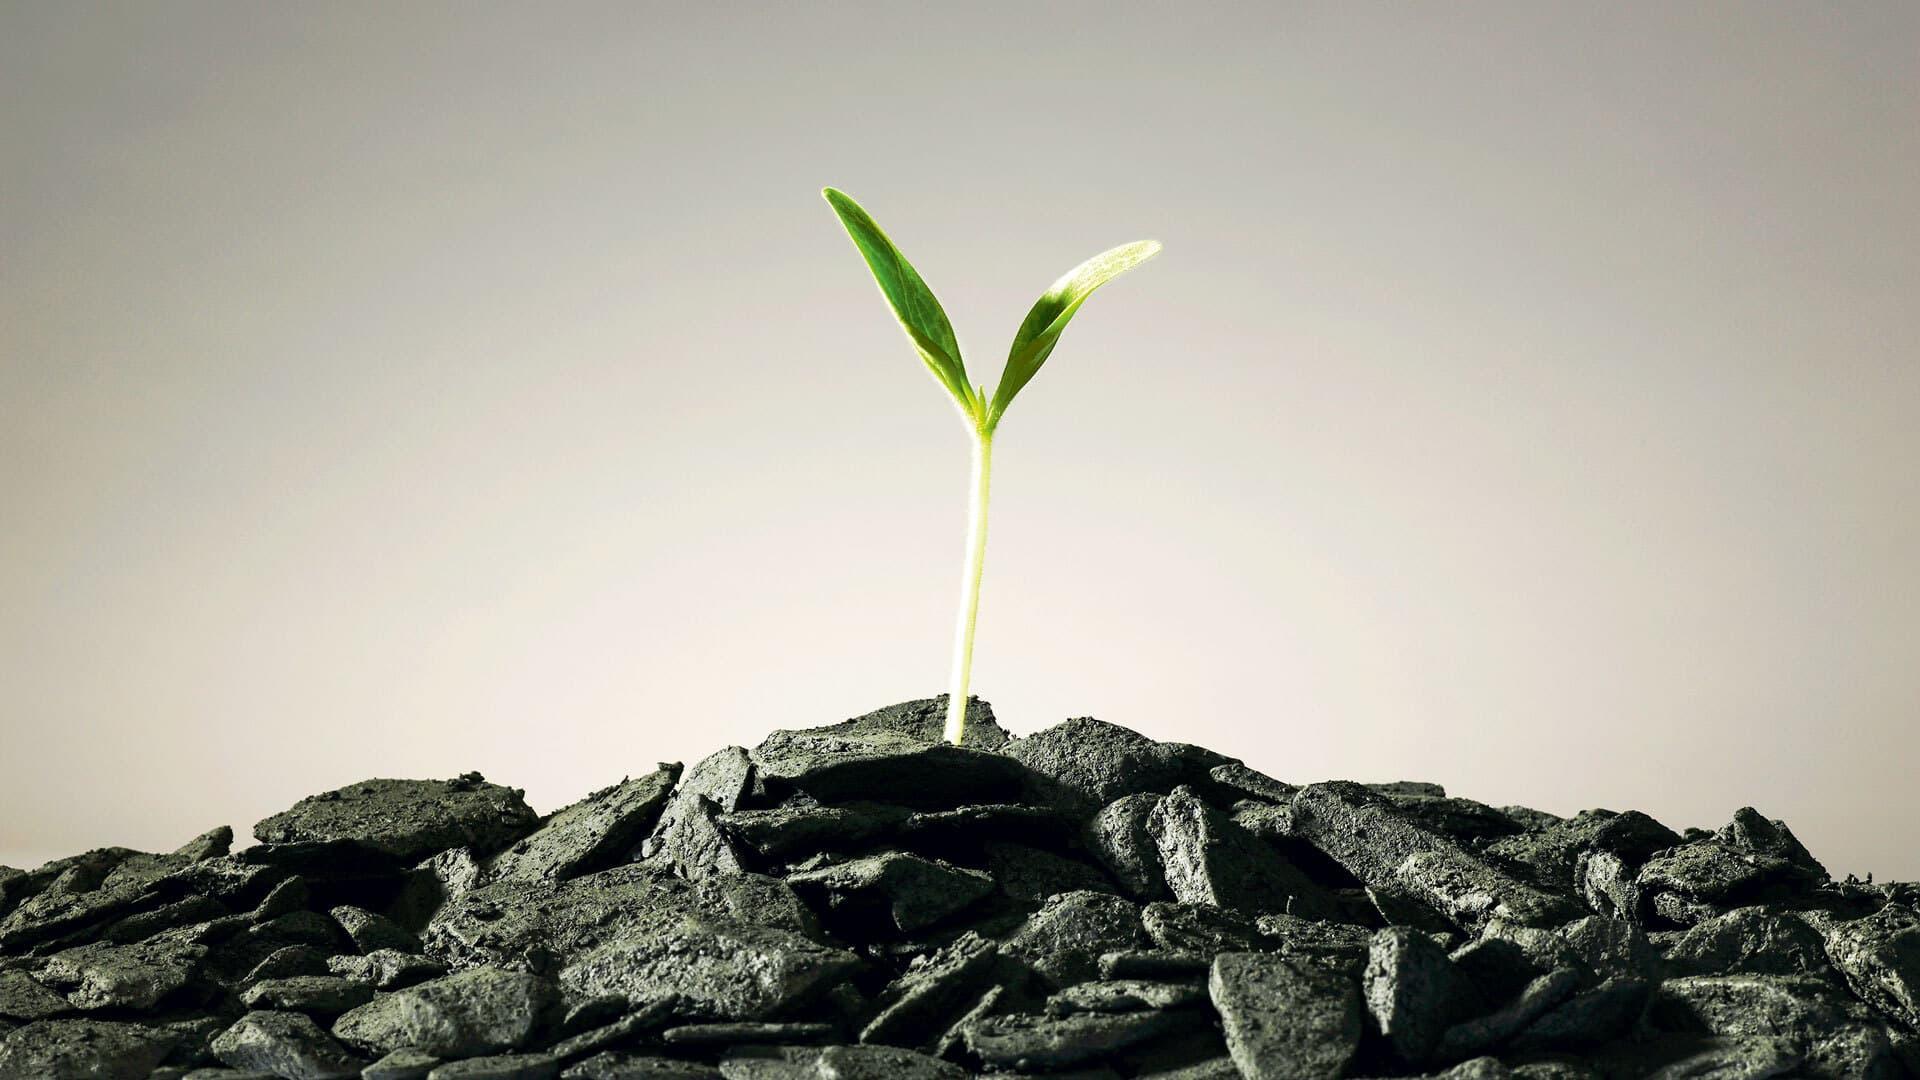 Aus einem Haufen Kohle wächst eine kleine Pflanze